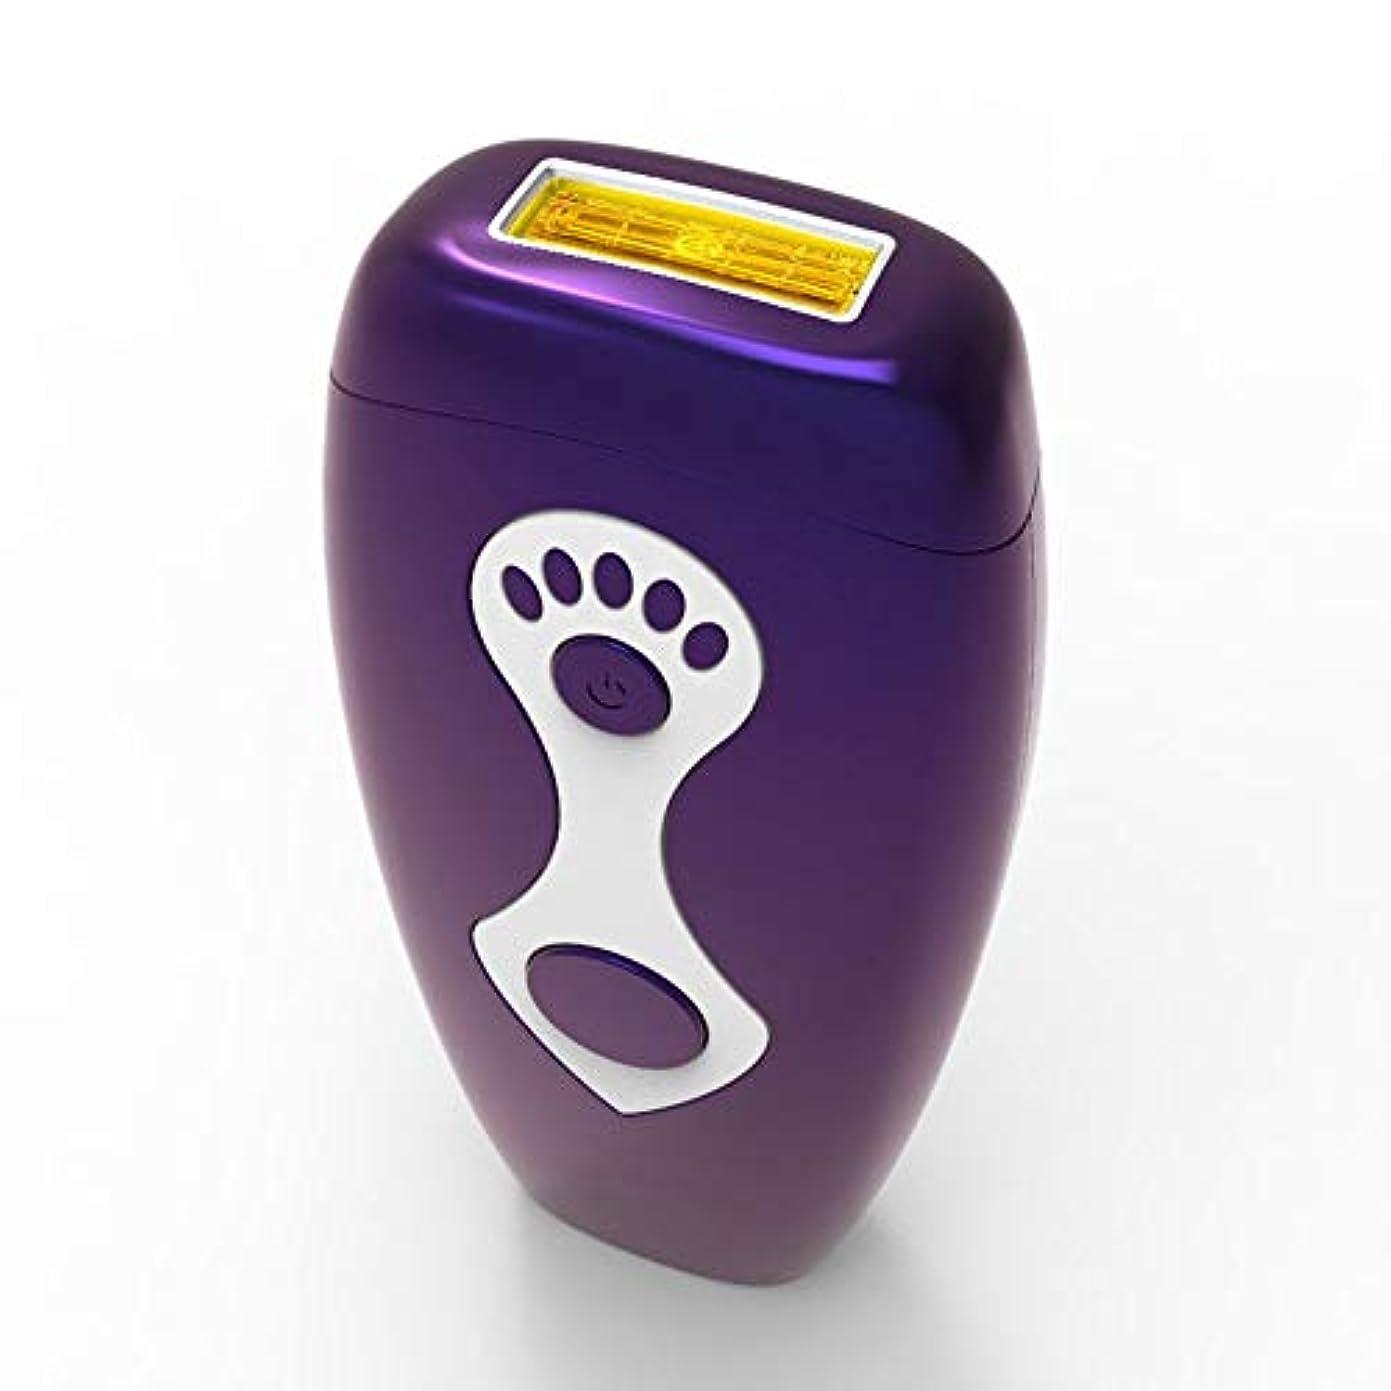 何十人も汗アグネスグレイパーマネント脱毛、家庭用ニュートラルヘアリムーバー、柔らかい肌、マルチ運動エネルギー、安全性、グレード5無料調整、サイズ7.5×16.5 Cm 安全性 (Color : Purple)